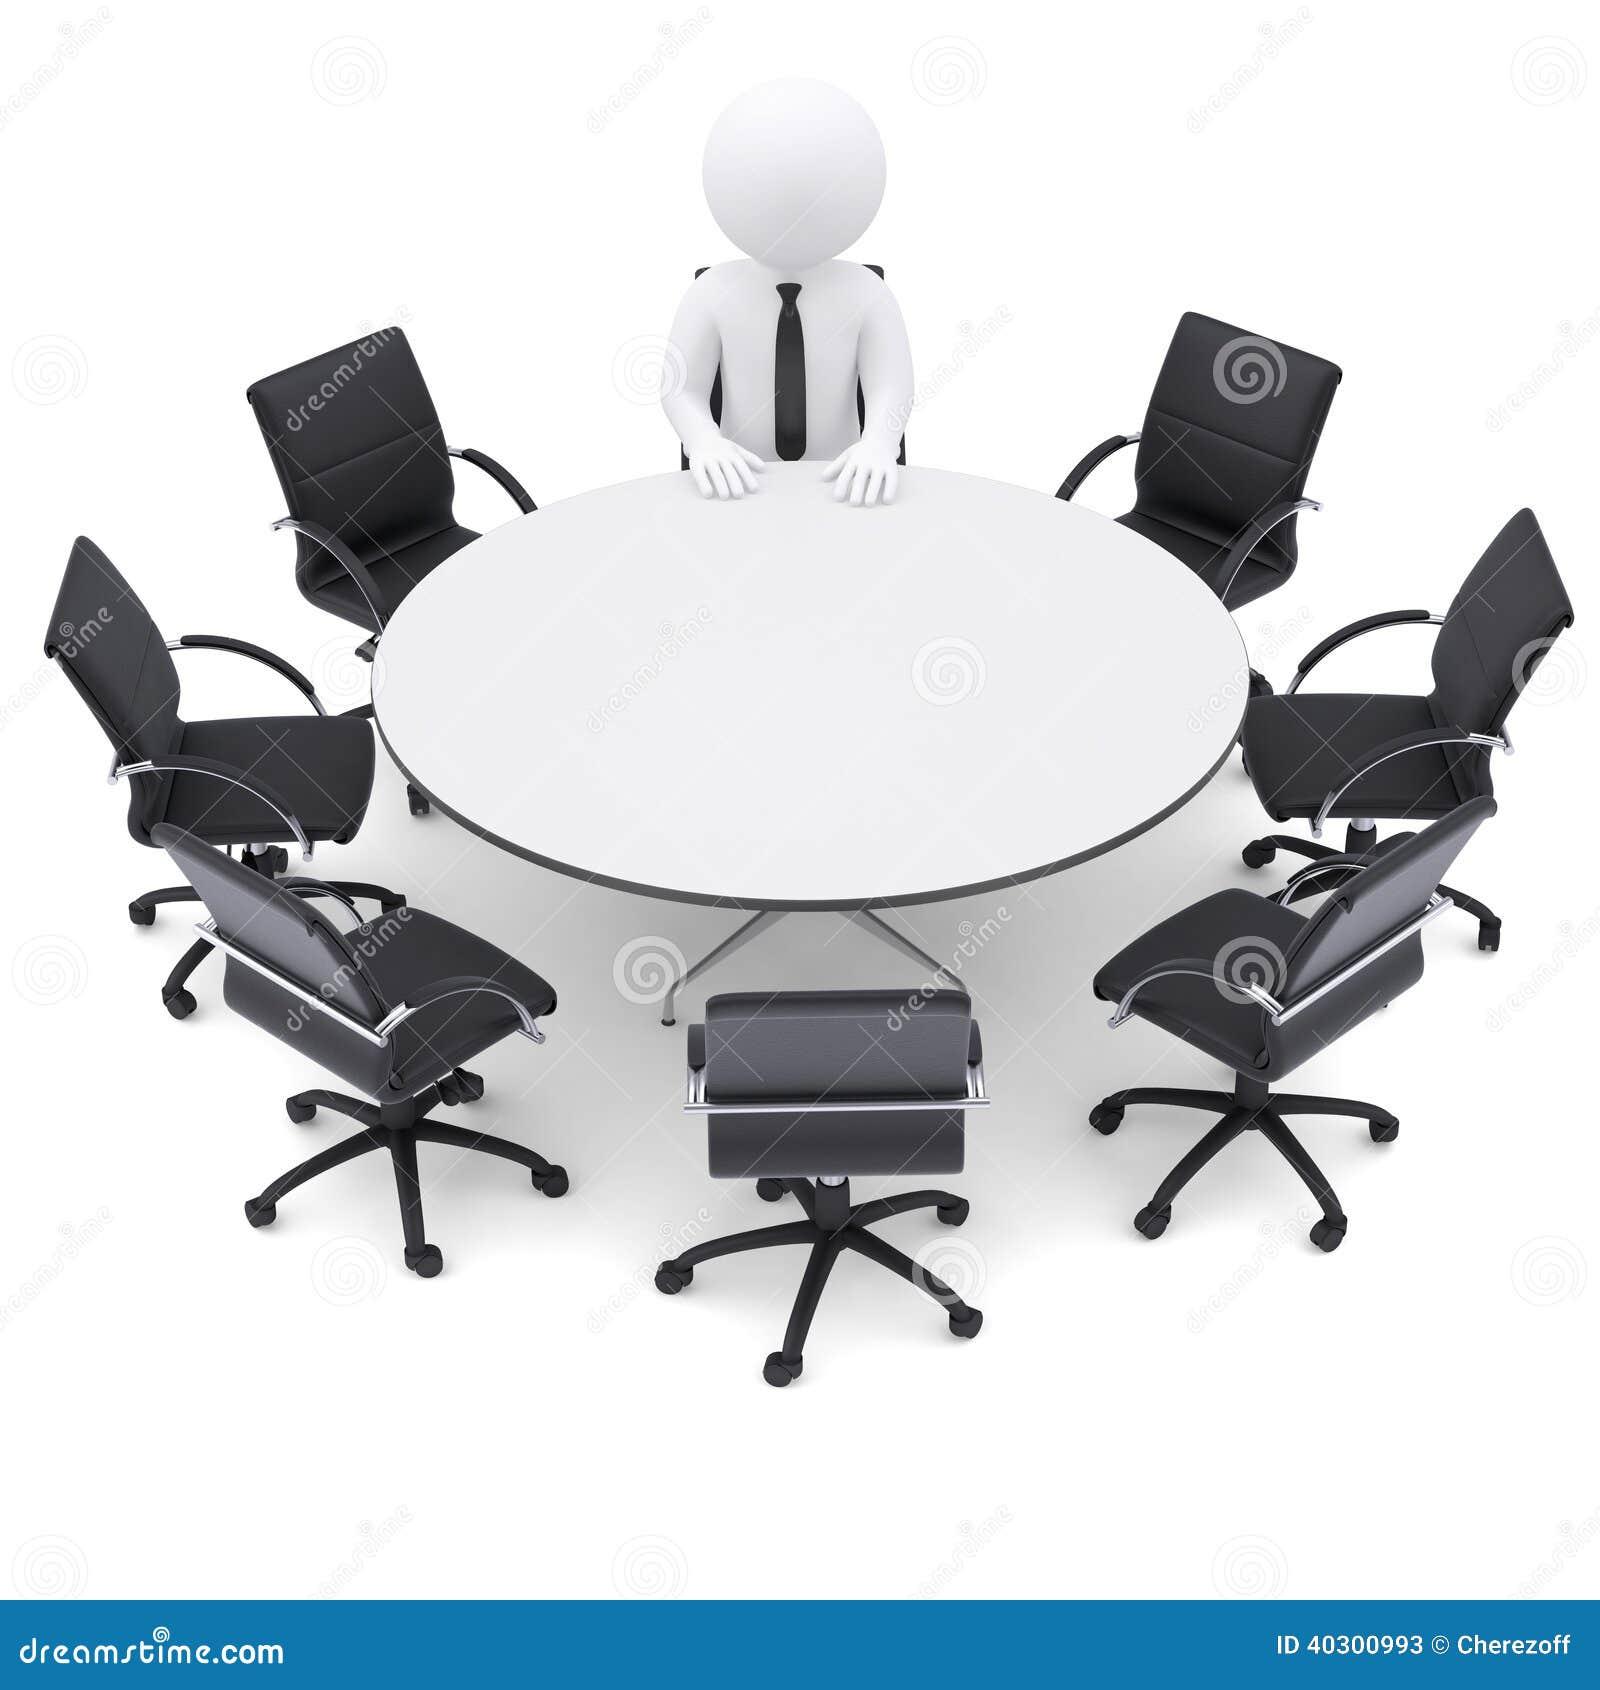 Mann 3d Am Rundtisch. Sieben Leere Stühle Stock Abbildung ...